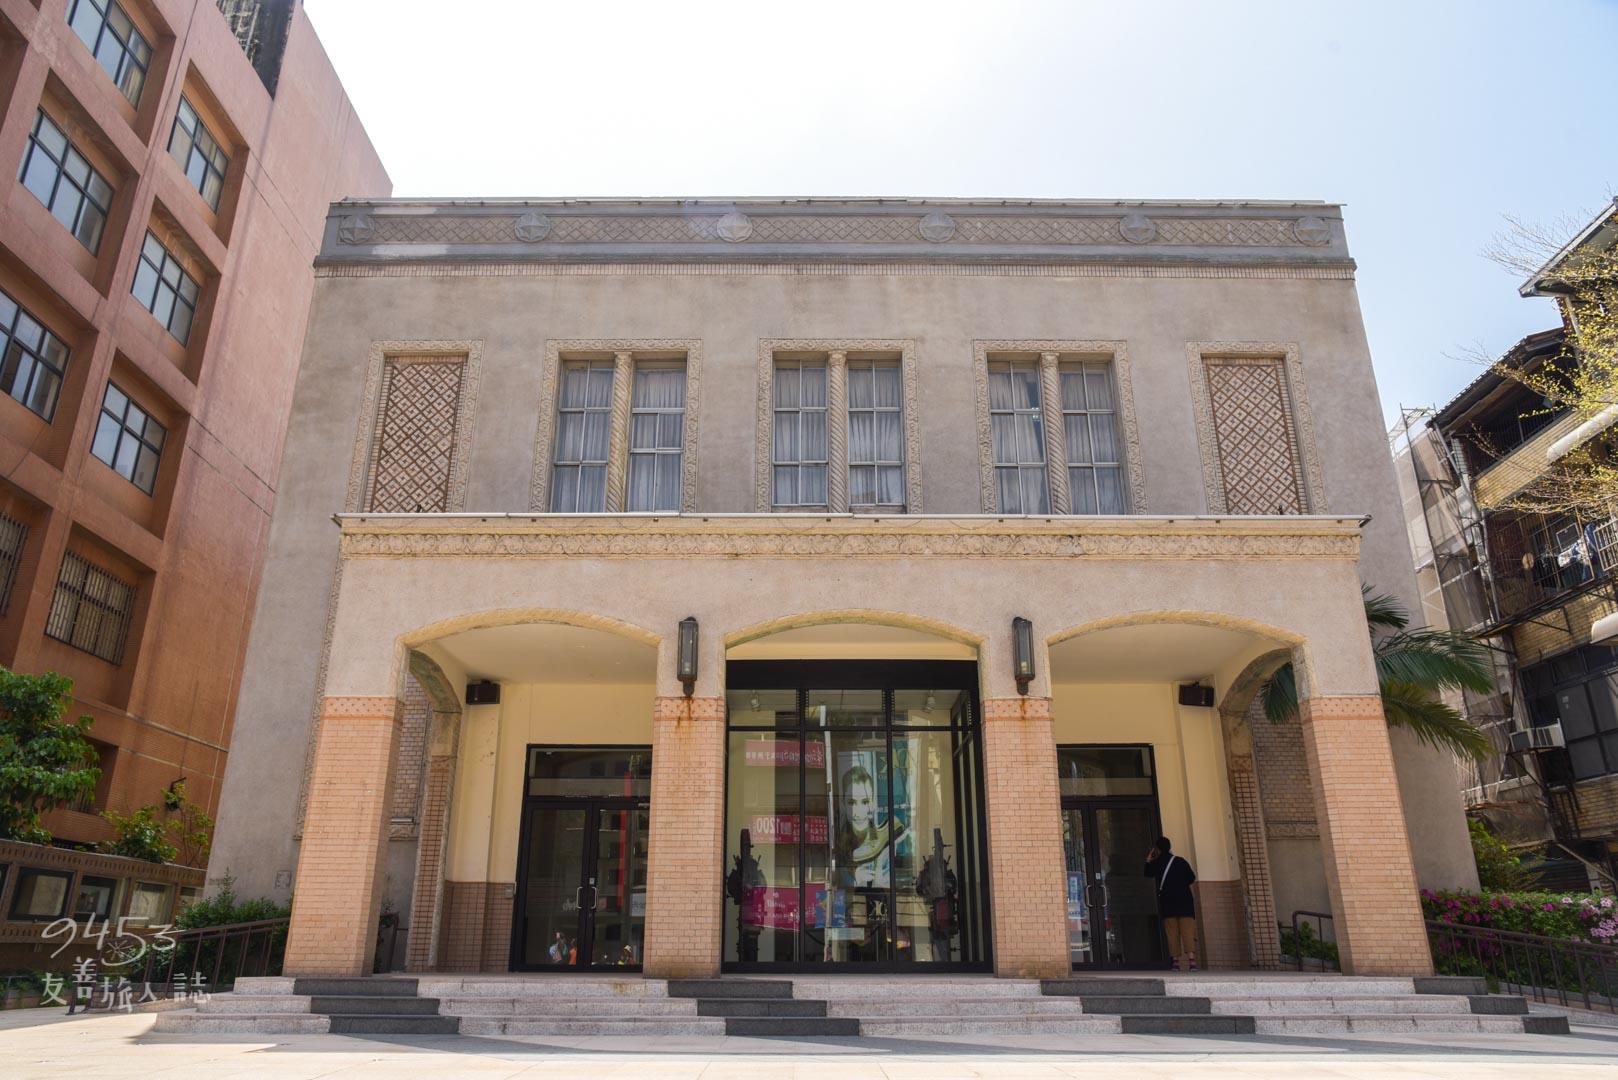 影像博物館外觀